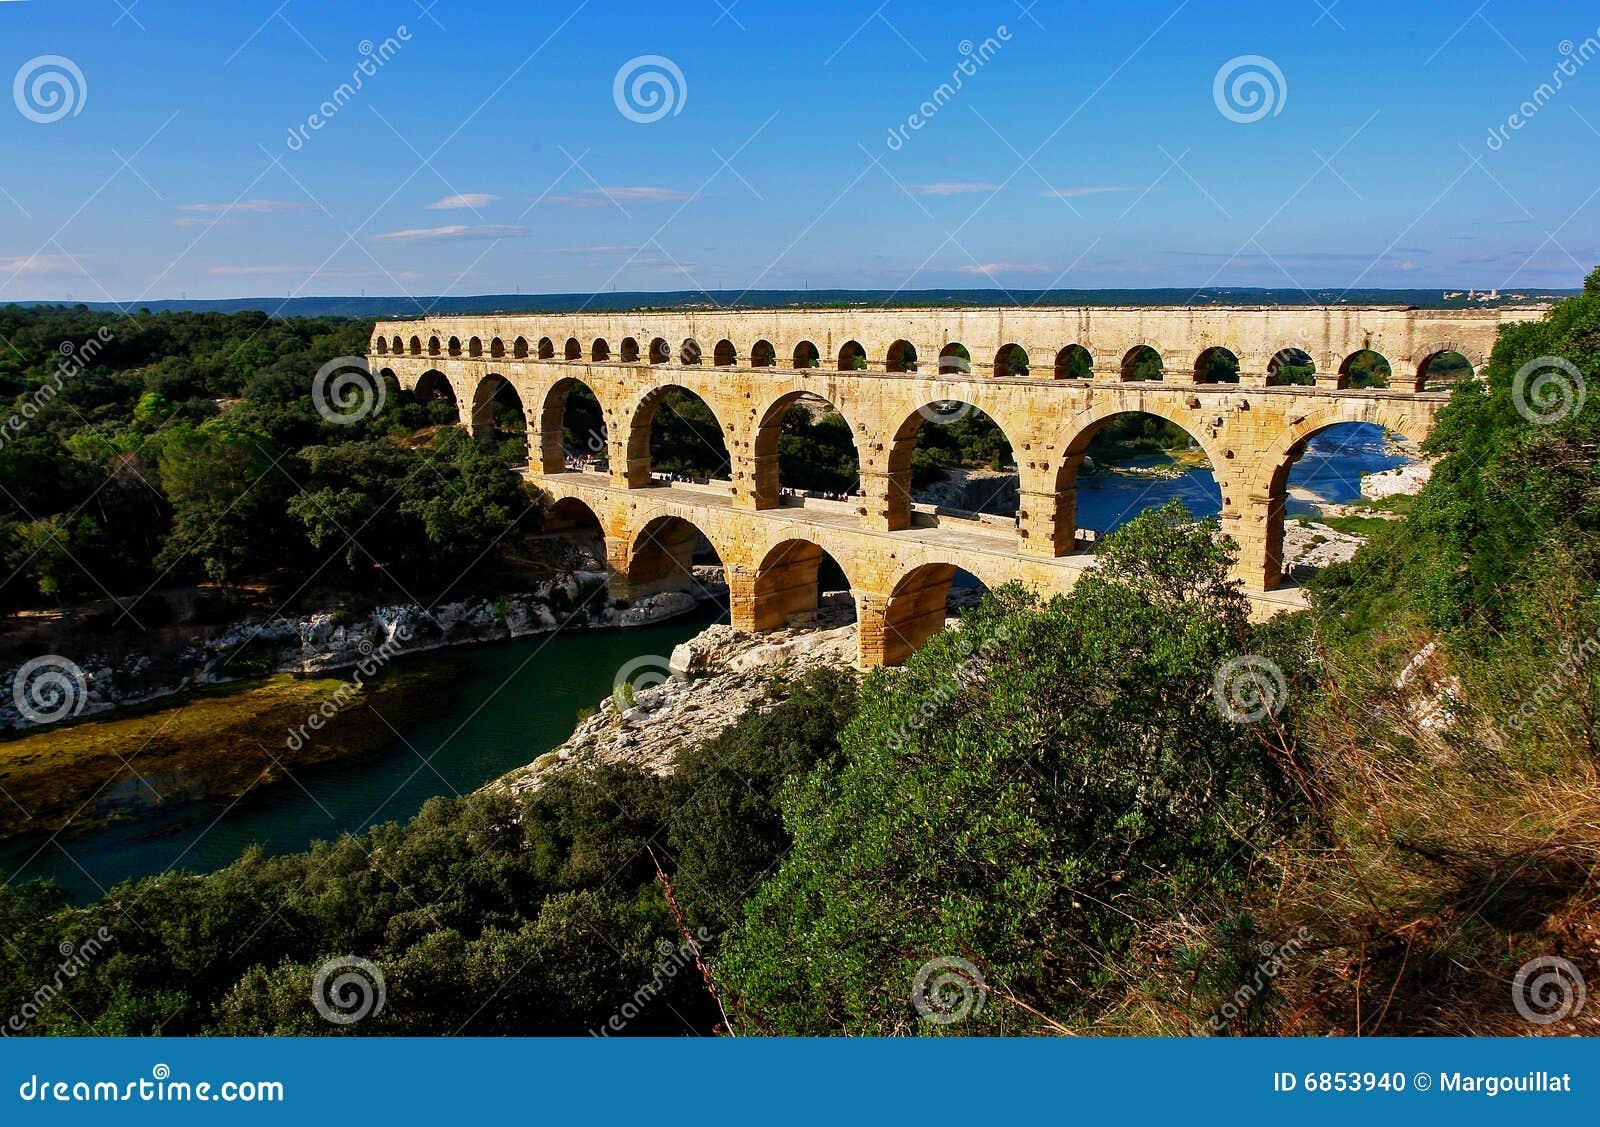 Pont du gard мост-водовода римское